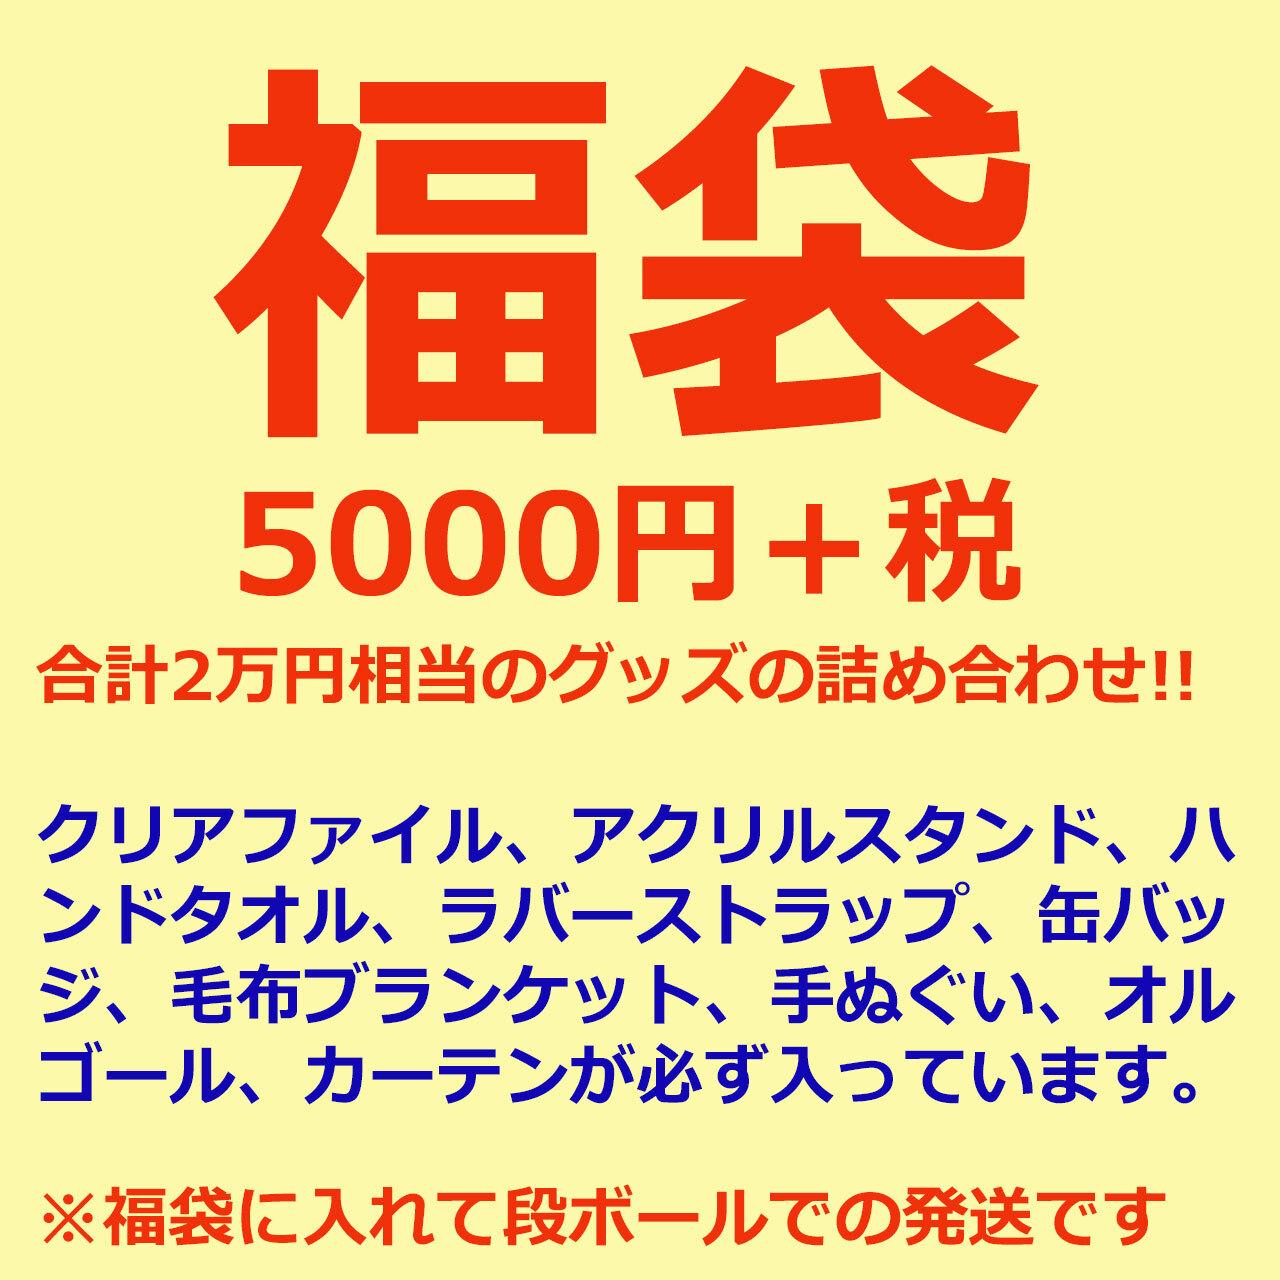 【5000円】アニメグッズ福袋